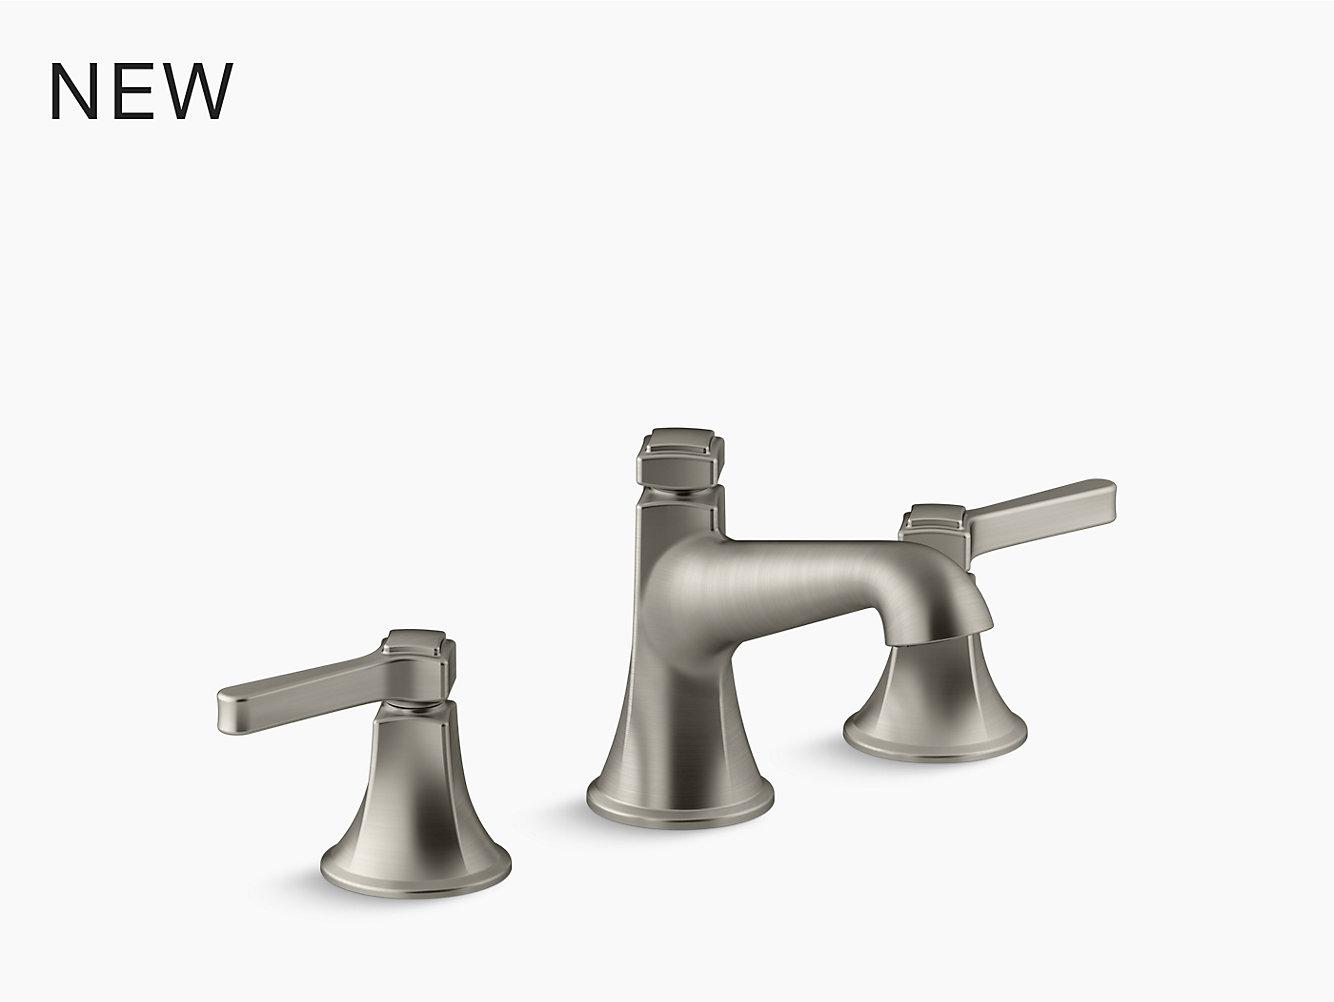 Bathroom Faucet Not Flowing kohler   t14428-3   purist deck-mount bath faucet trim for high